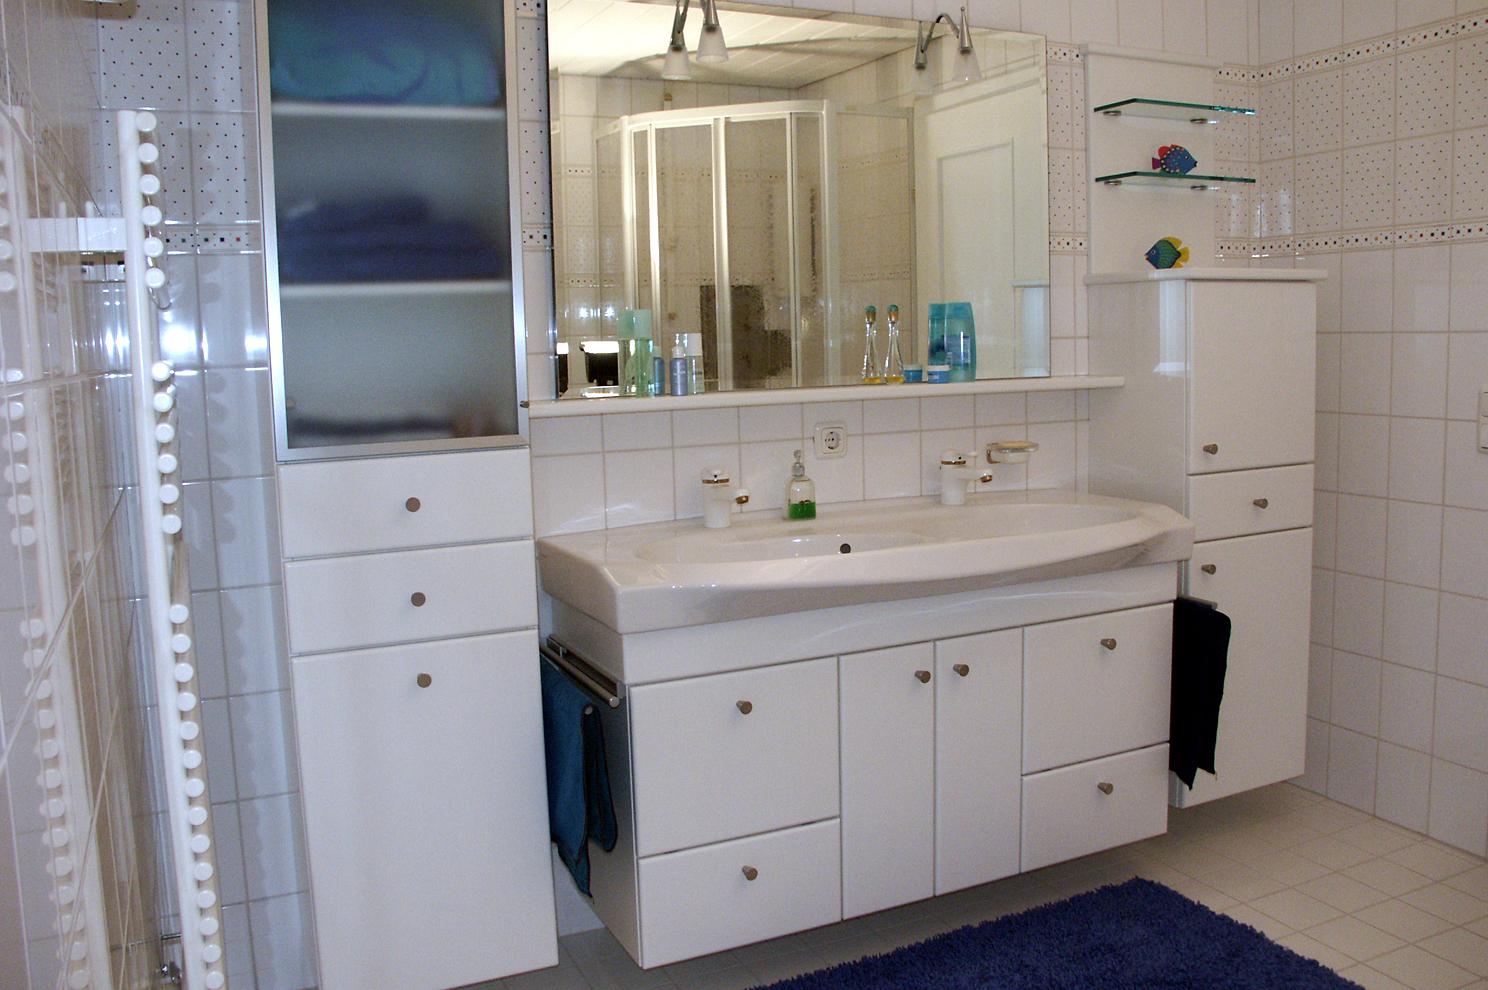 Badezimmer, Bad, Badmöbel, Bademöbel nach Maß, Innviertel